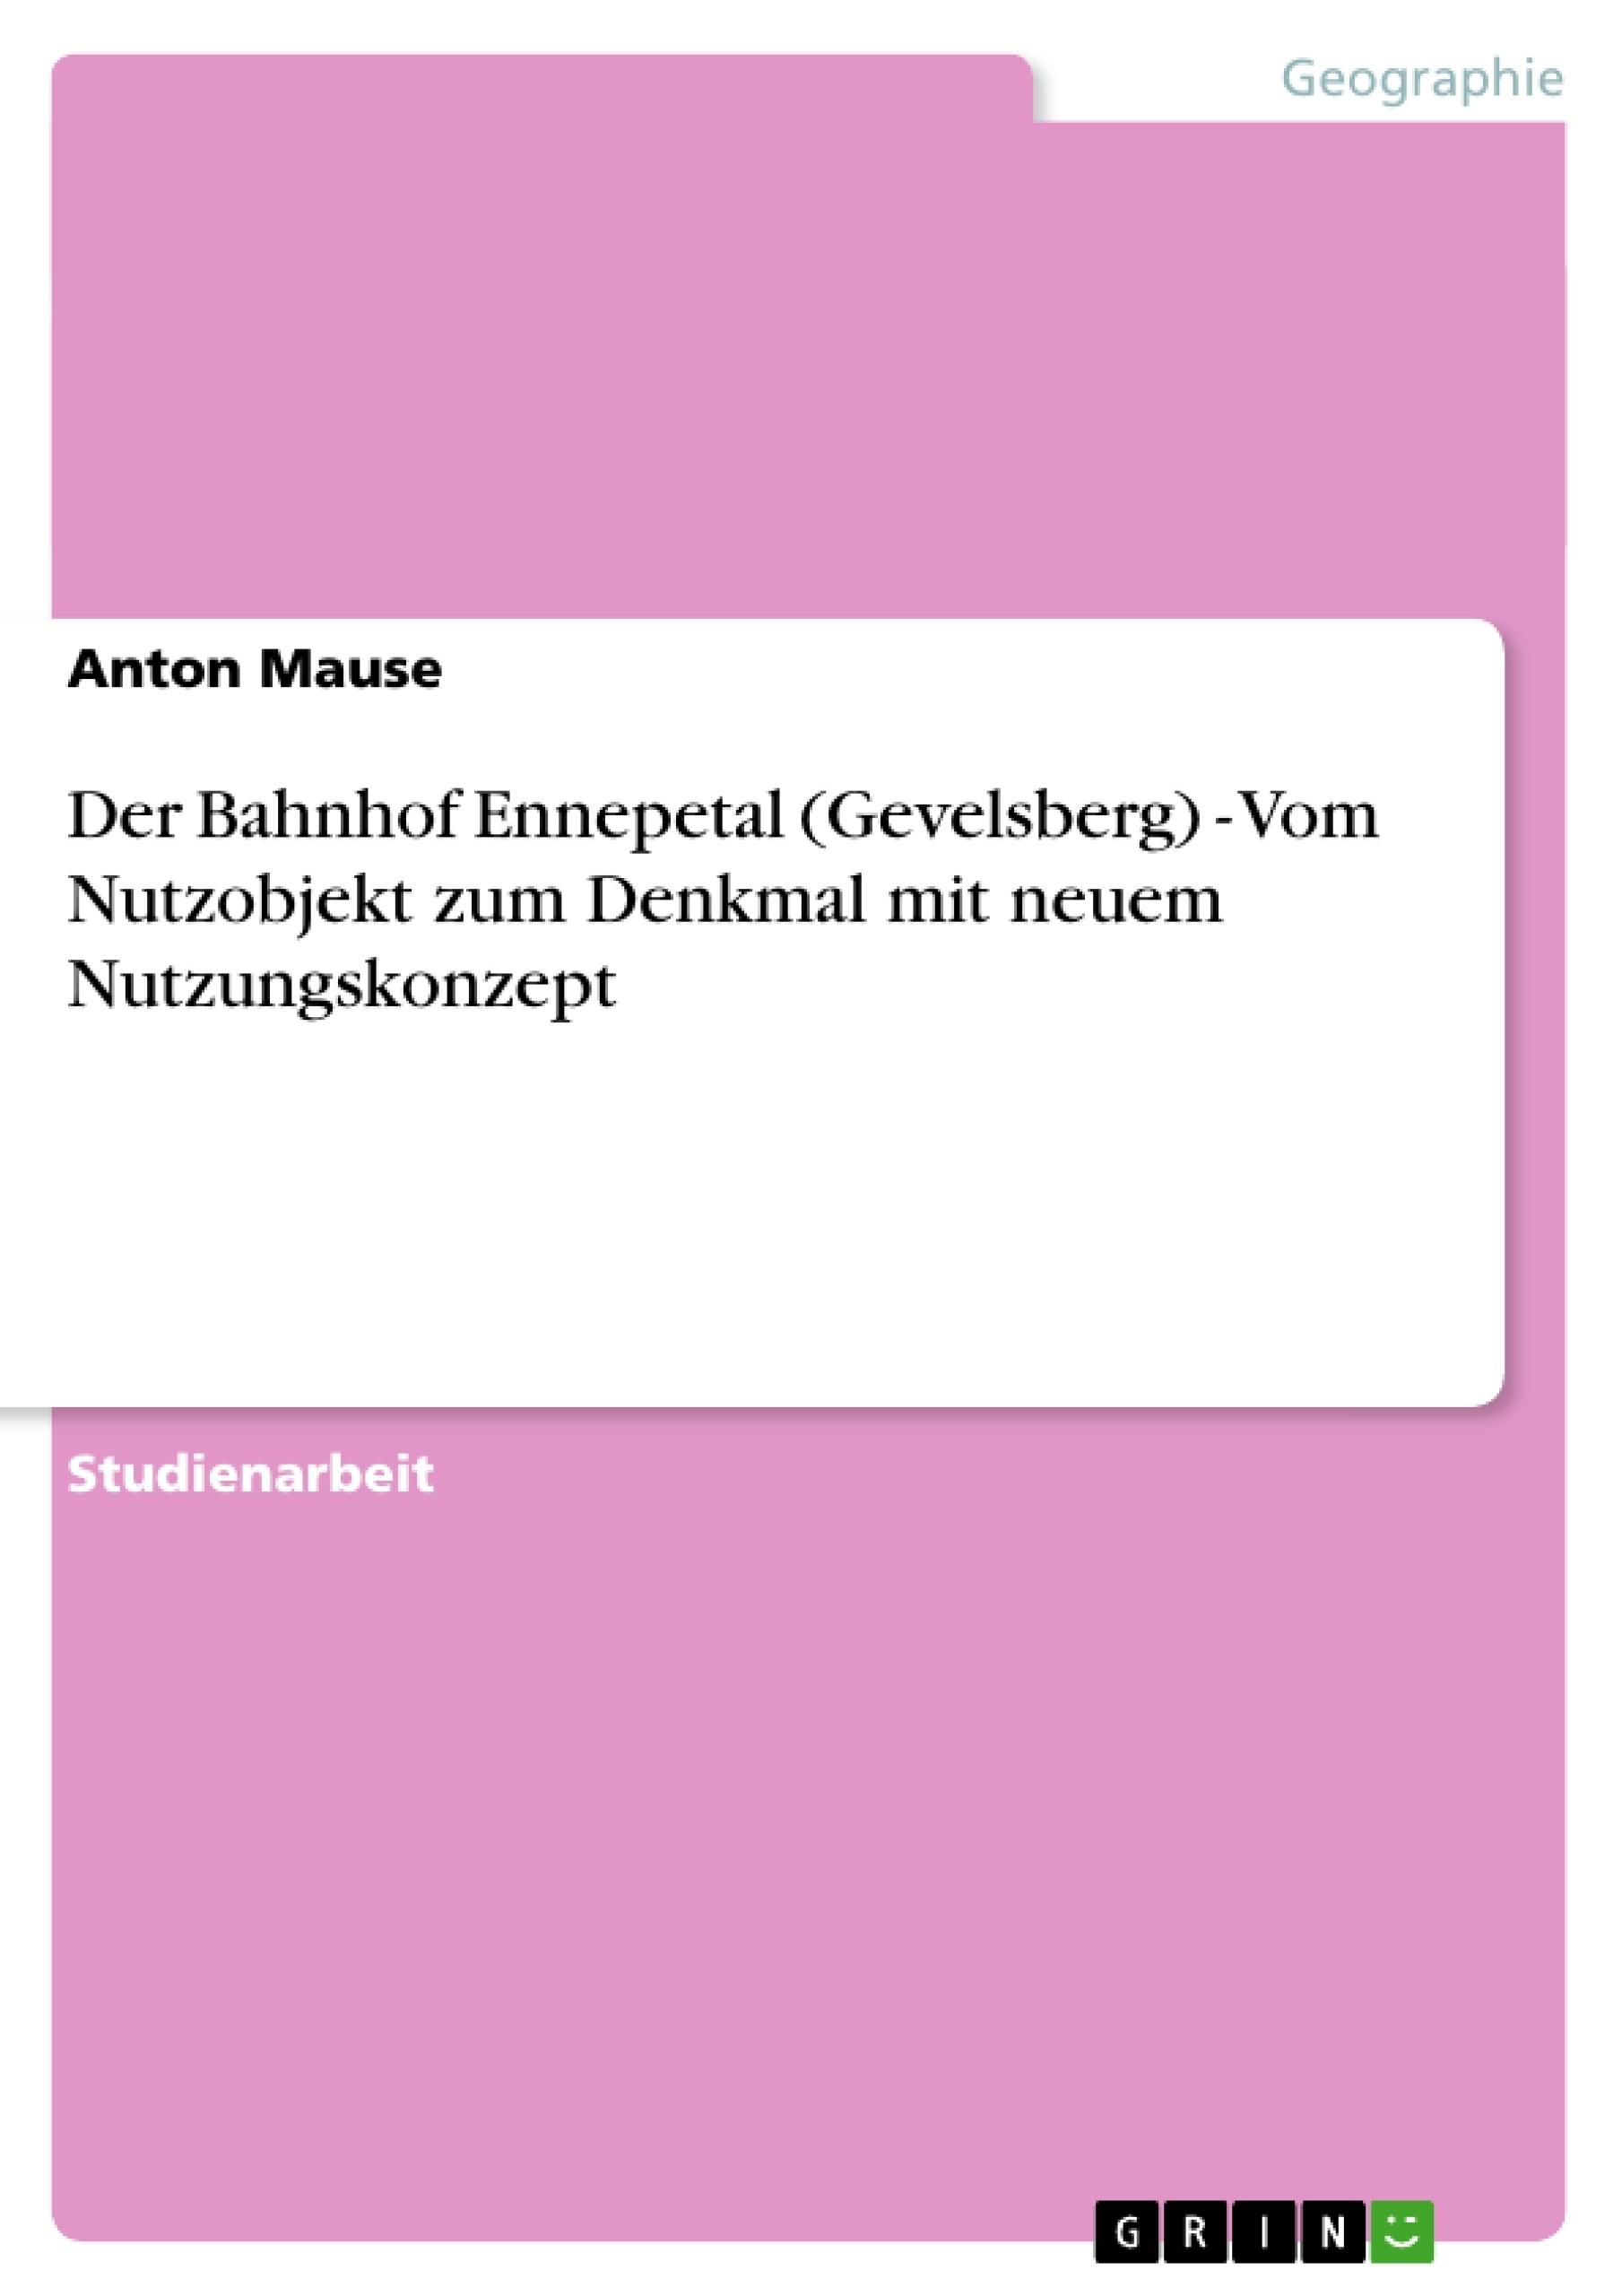 Titel: Der Bahnhof Ennepetal (Gevelsberg) - Vom Nutzobjekt zum Denkmal mit neuem Nutzungskonzept